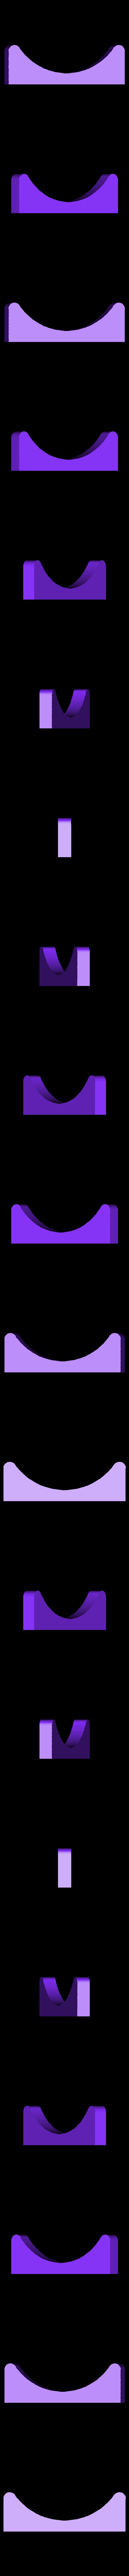 Motor_Support_C.STL Télécharger fichier STL gratuit Machine universelle pour tour miniature • Modèle pour imprimante 3D, perinski